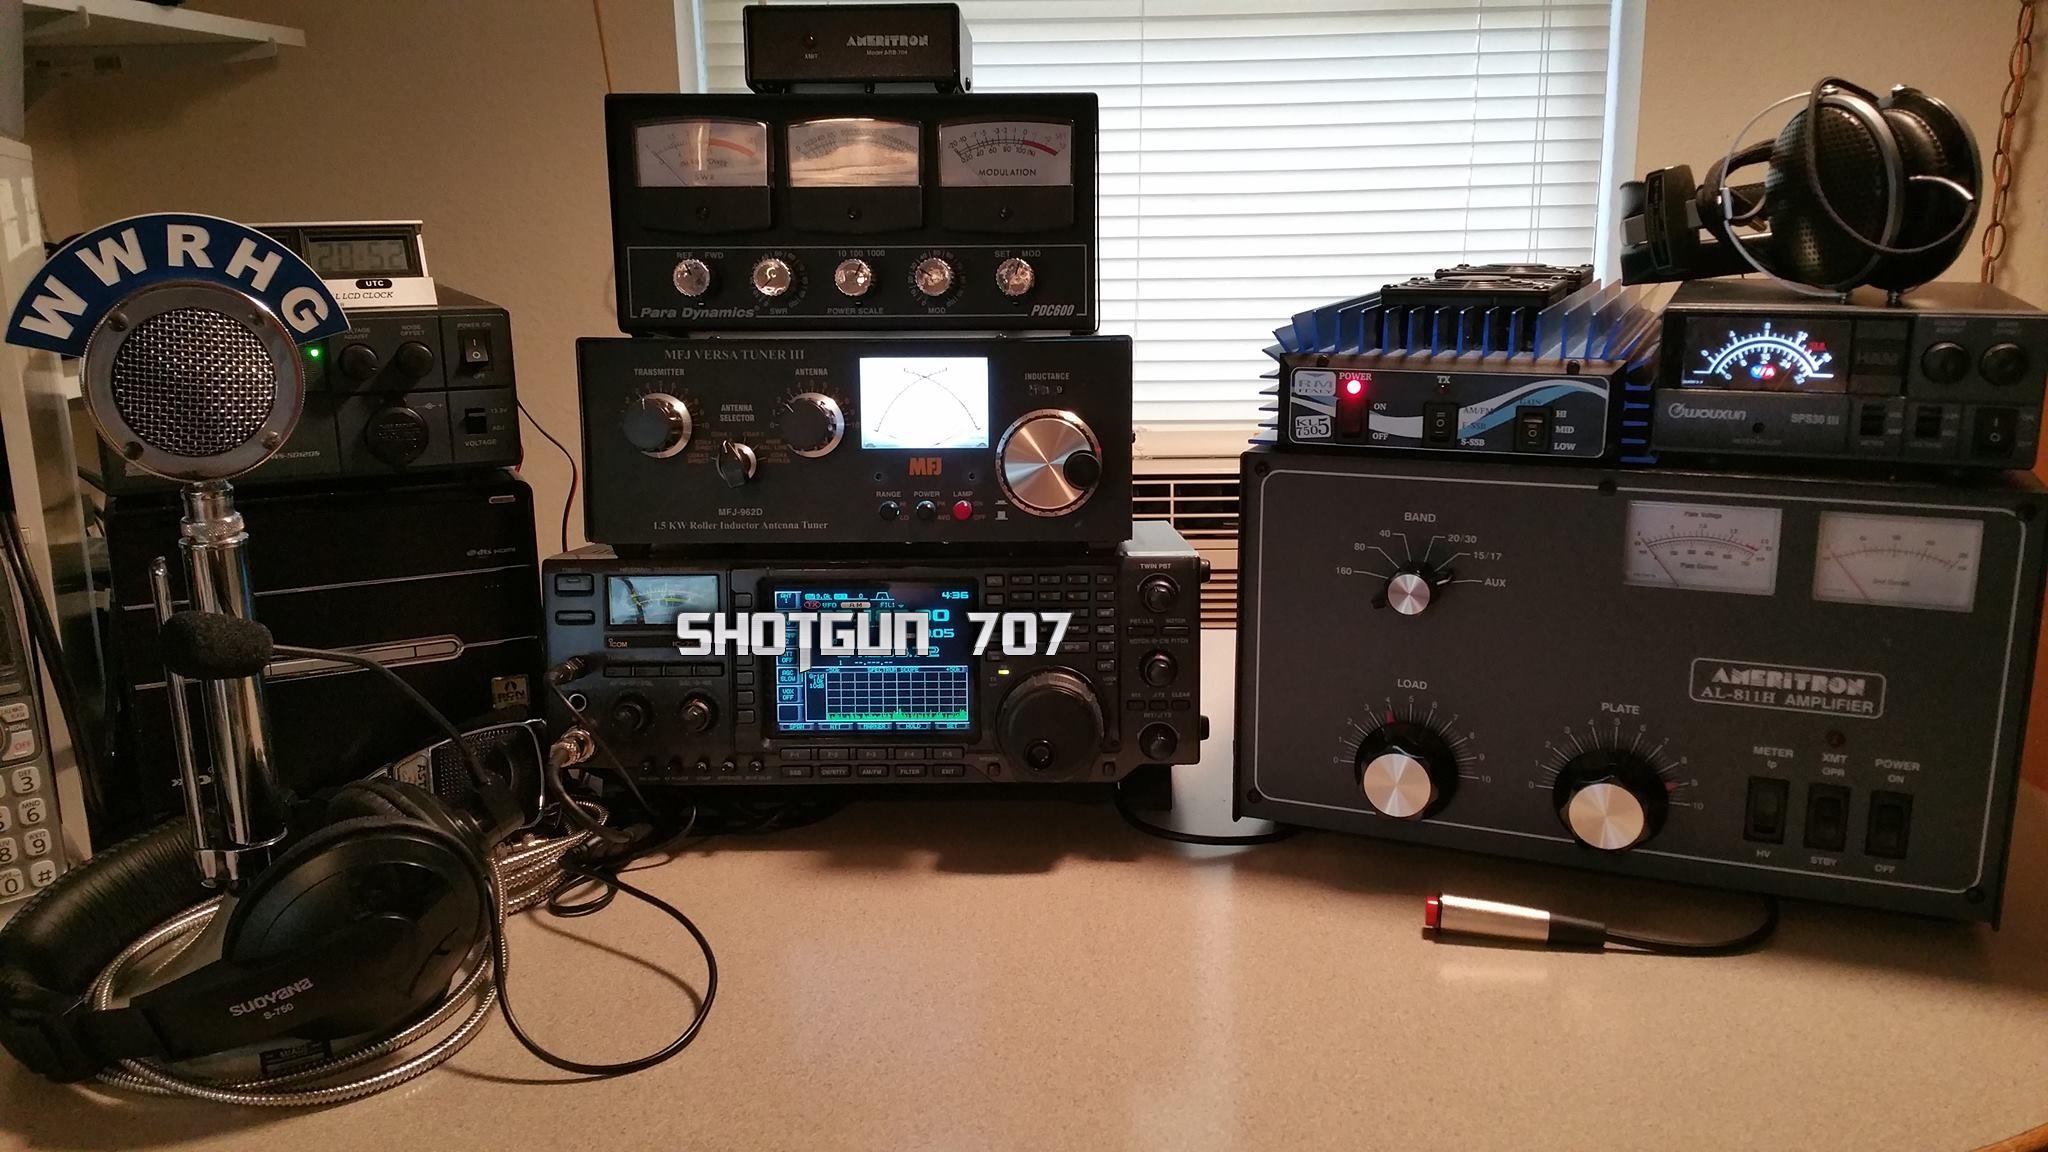 Name:  wwrhg_shotgun-707-hdr.jpg Views: 414 Size:  505.4 KB